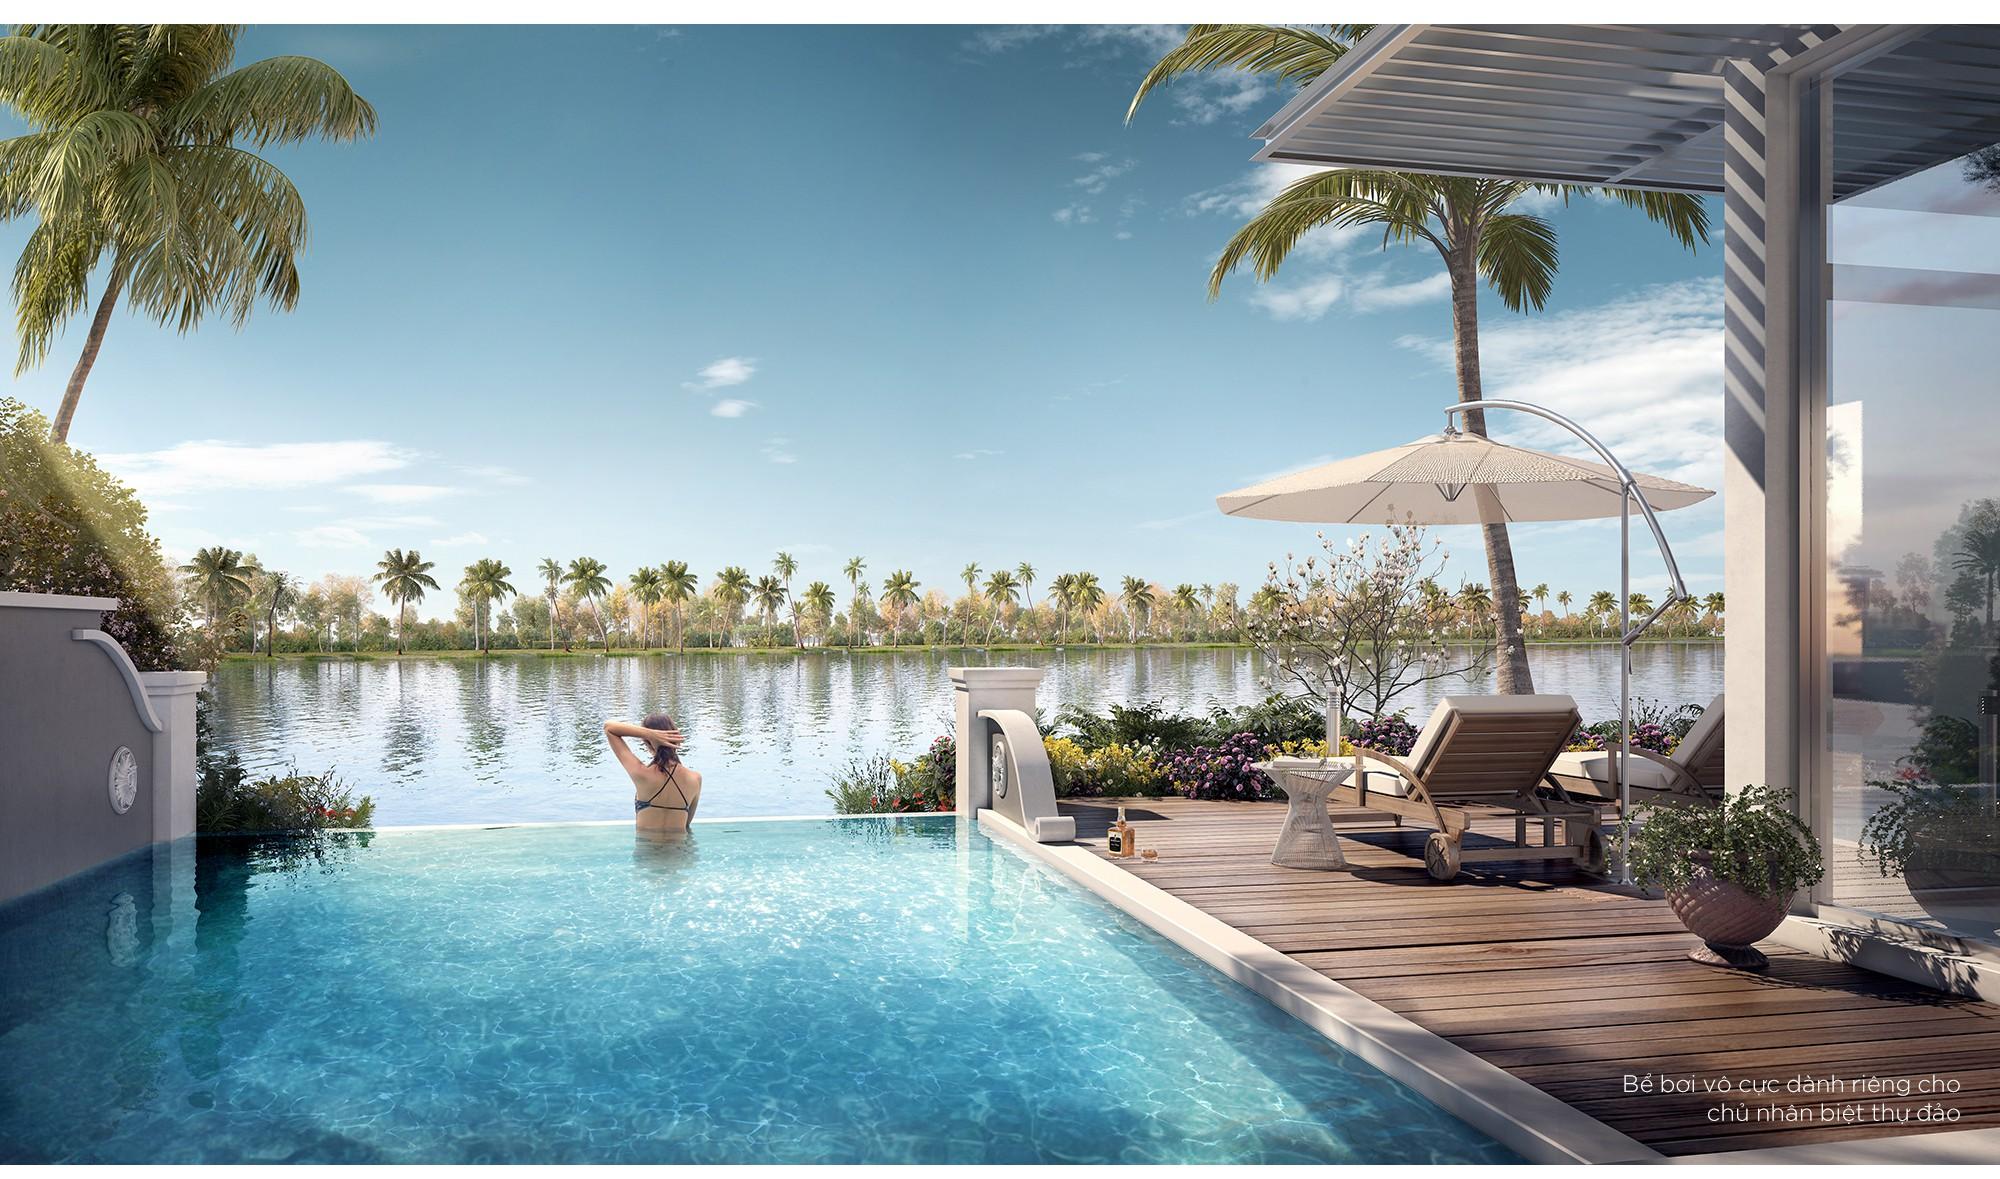 Khám phá không gian sống triệu đô mang tên Ecopark Grand - The Island - Ảnh 16.